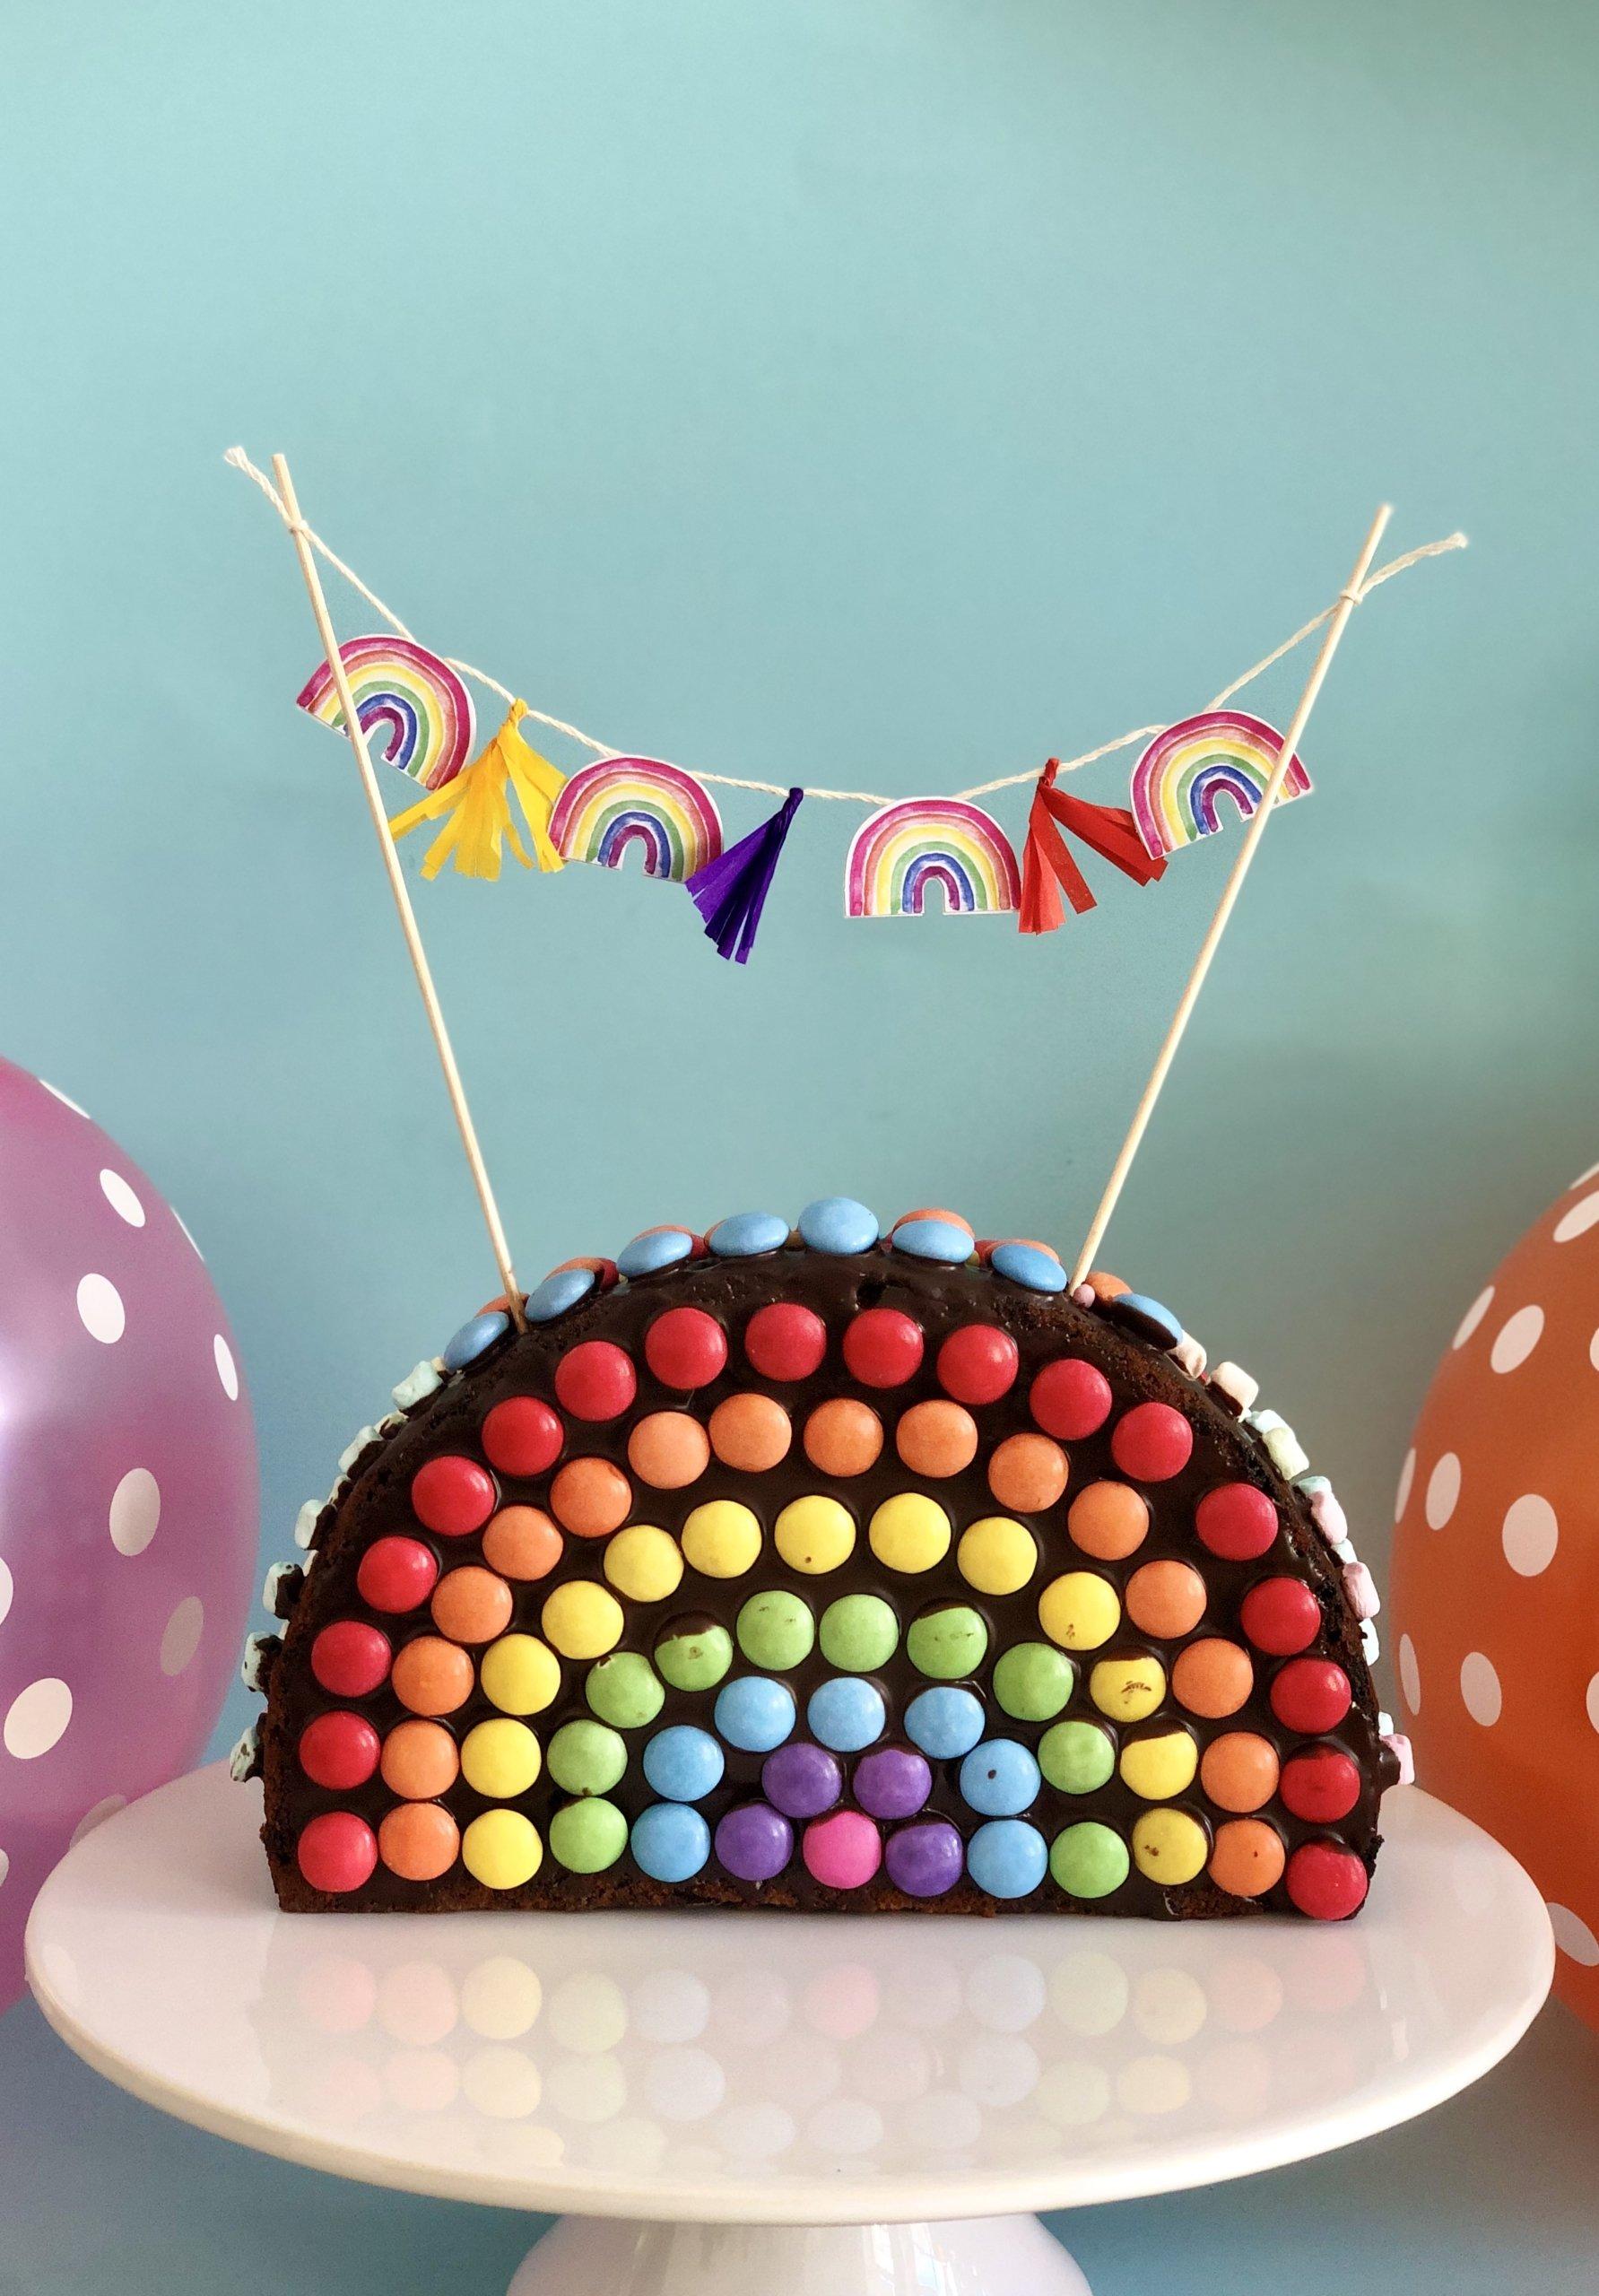 Regenbogenkuchen aus Schokolade